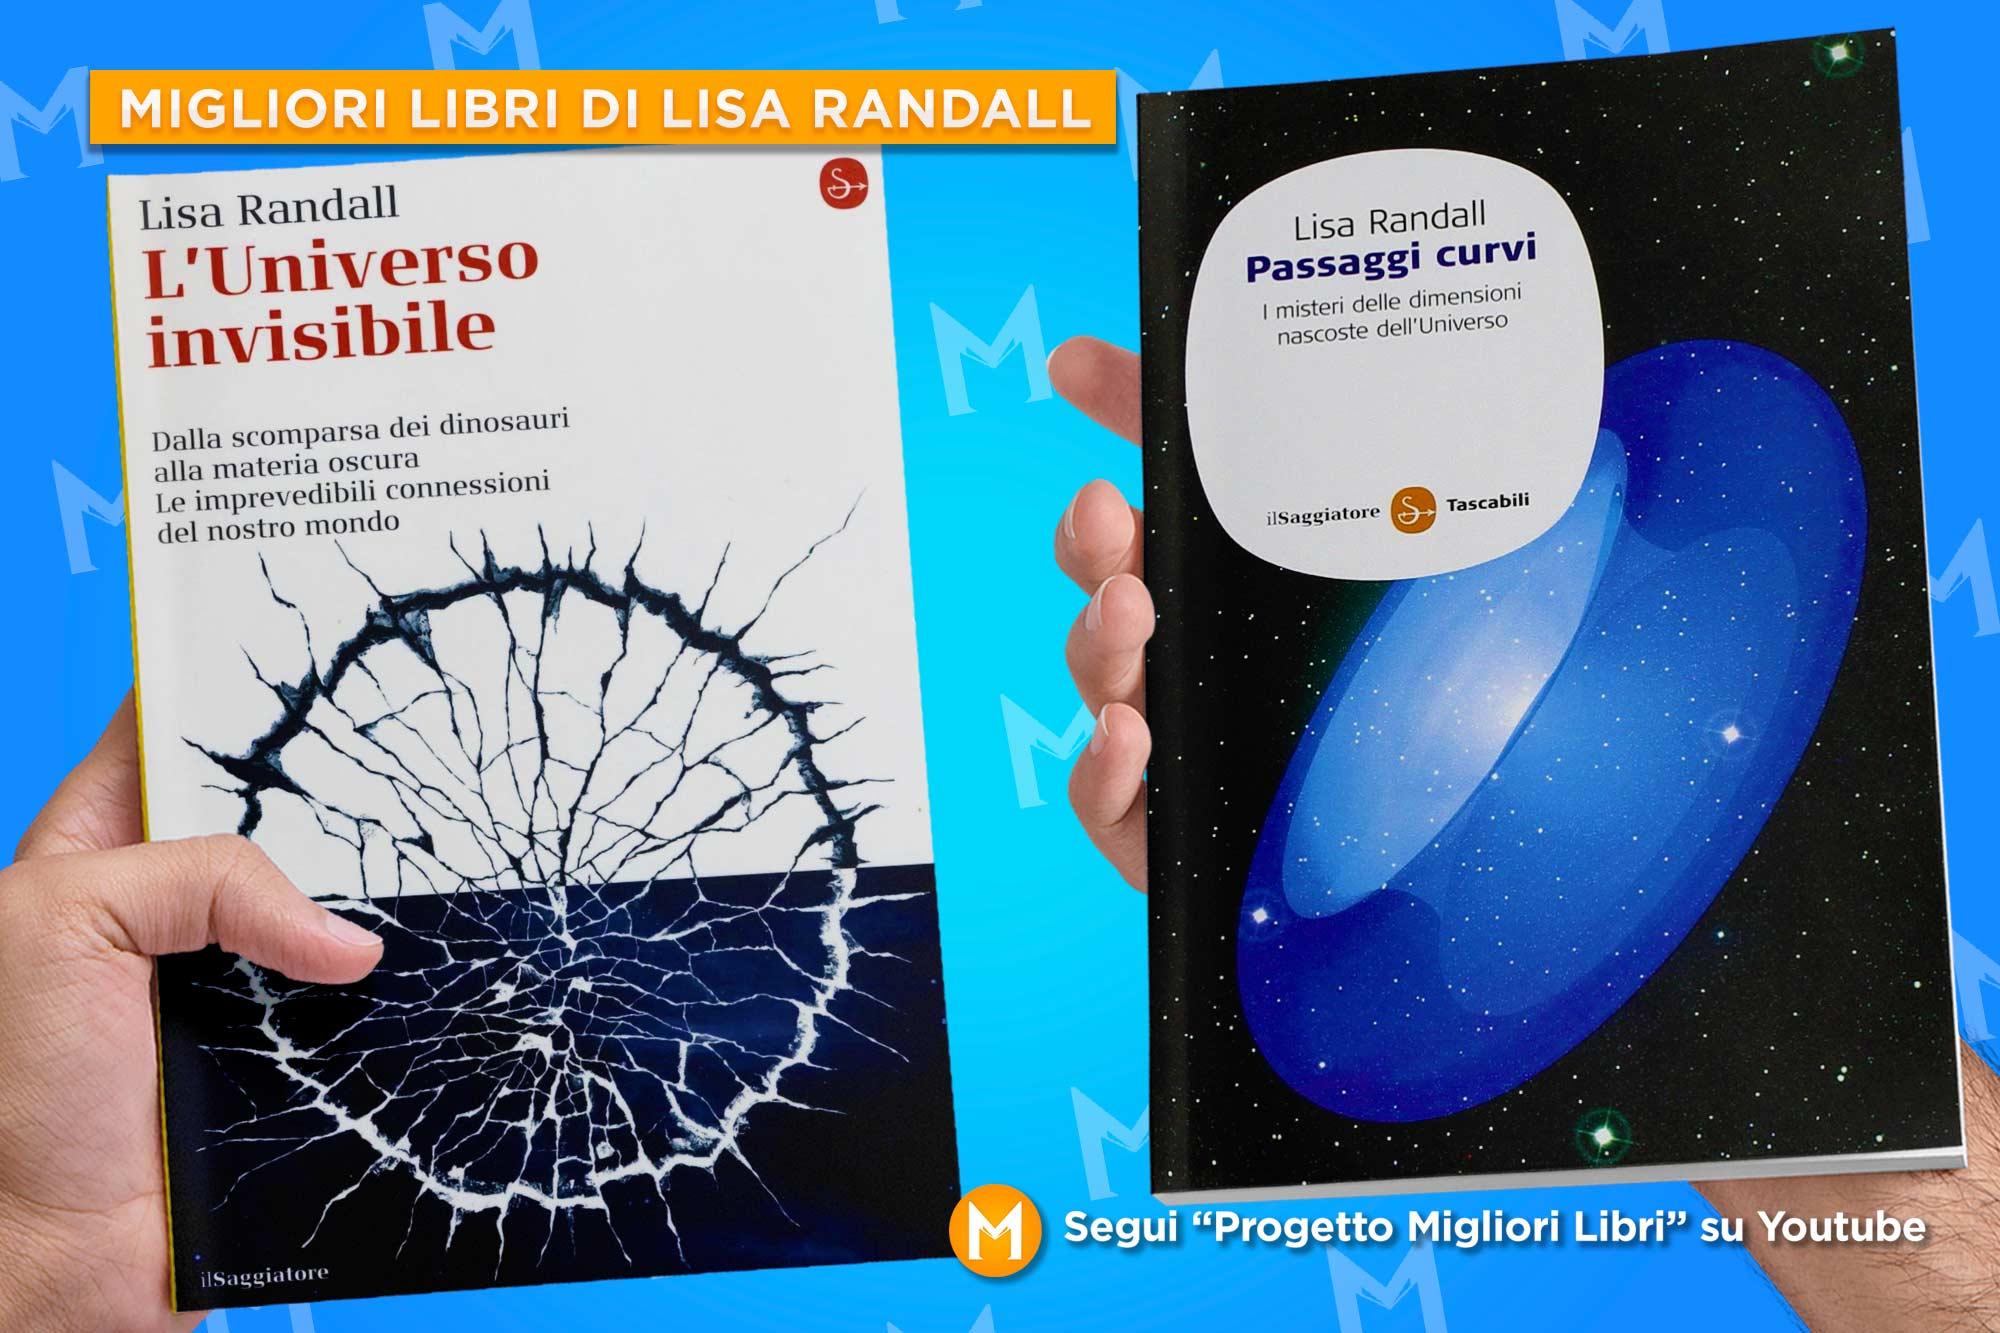 migliori-libri-lisa-randall